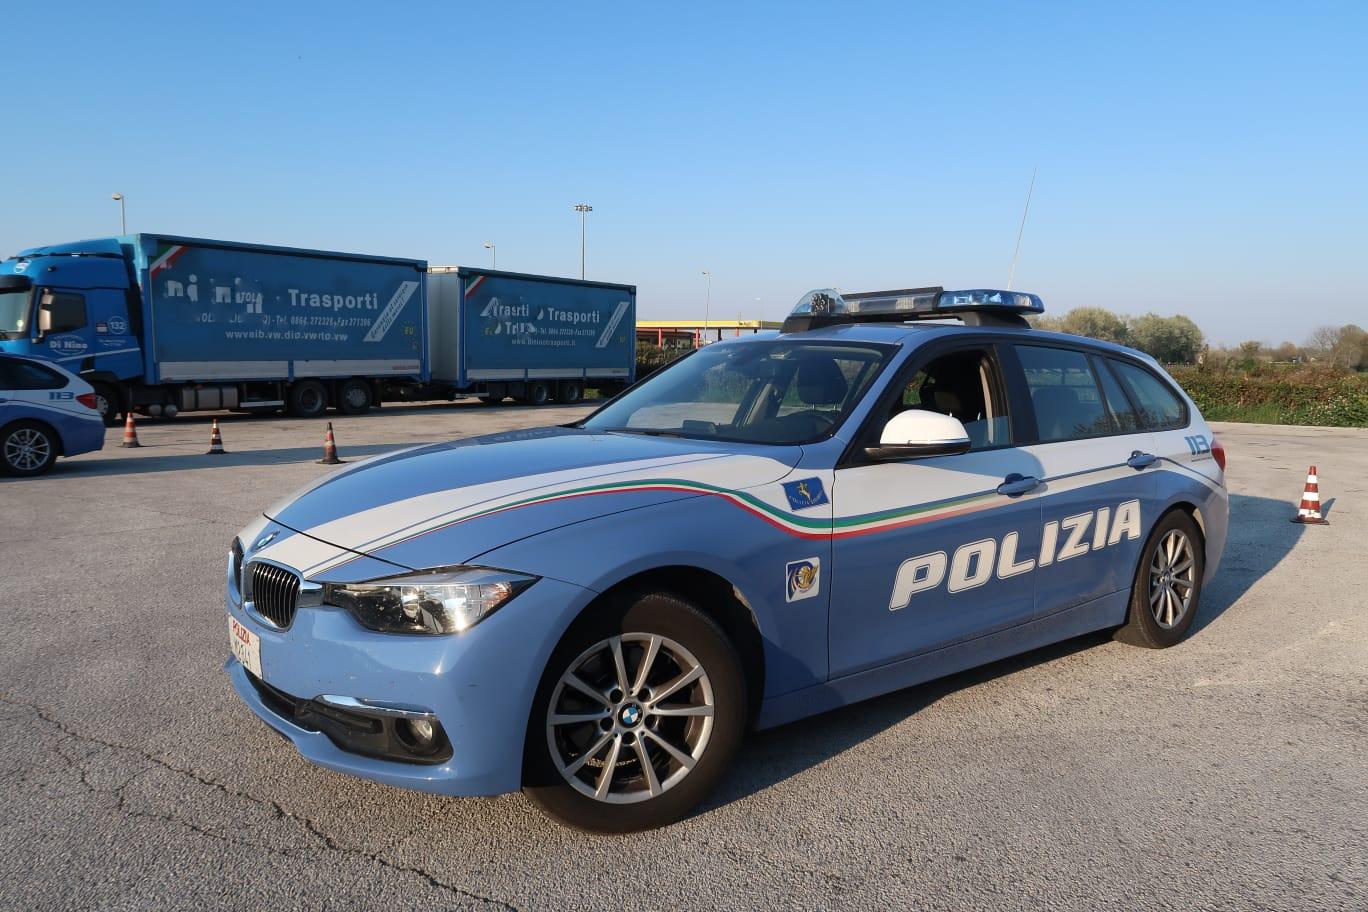 Polizia Stradale di Macerata, nove mesi di attività e risultati